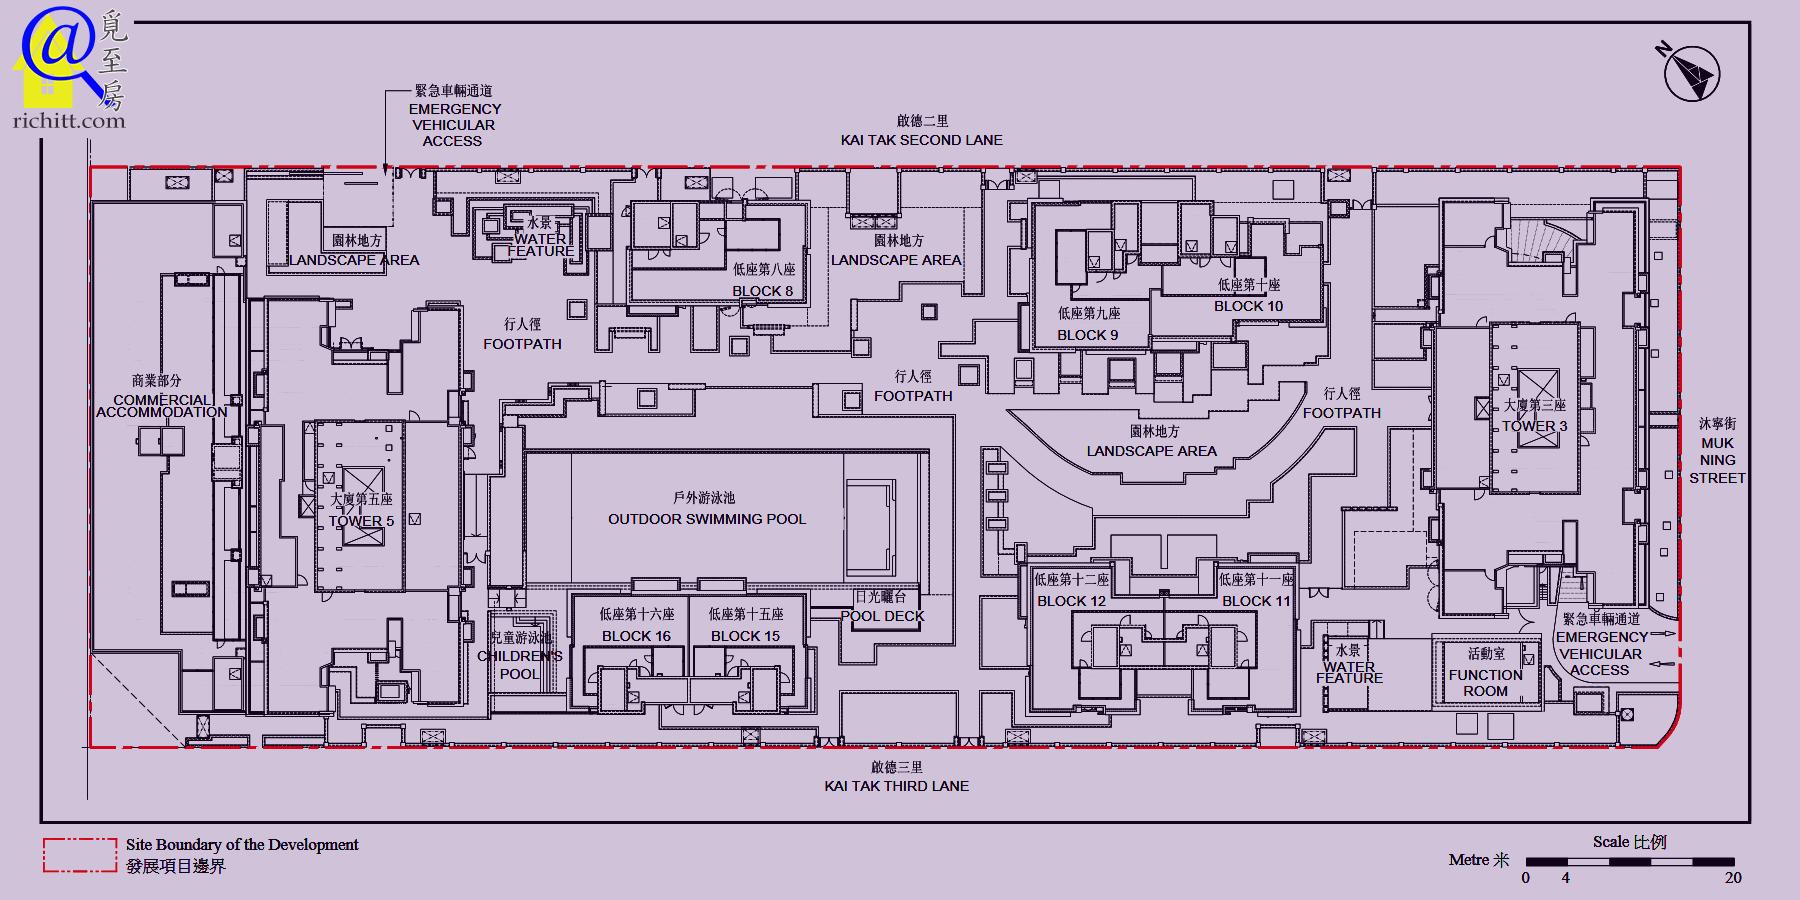 啟德1號(II)布局圖